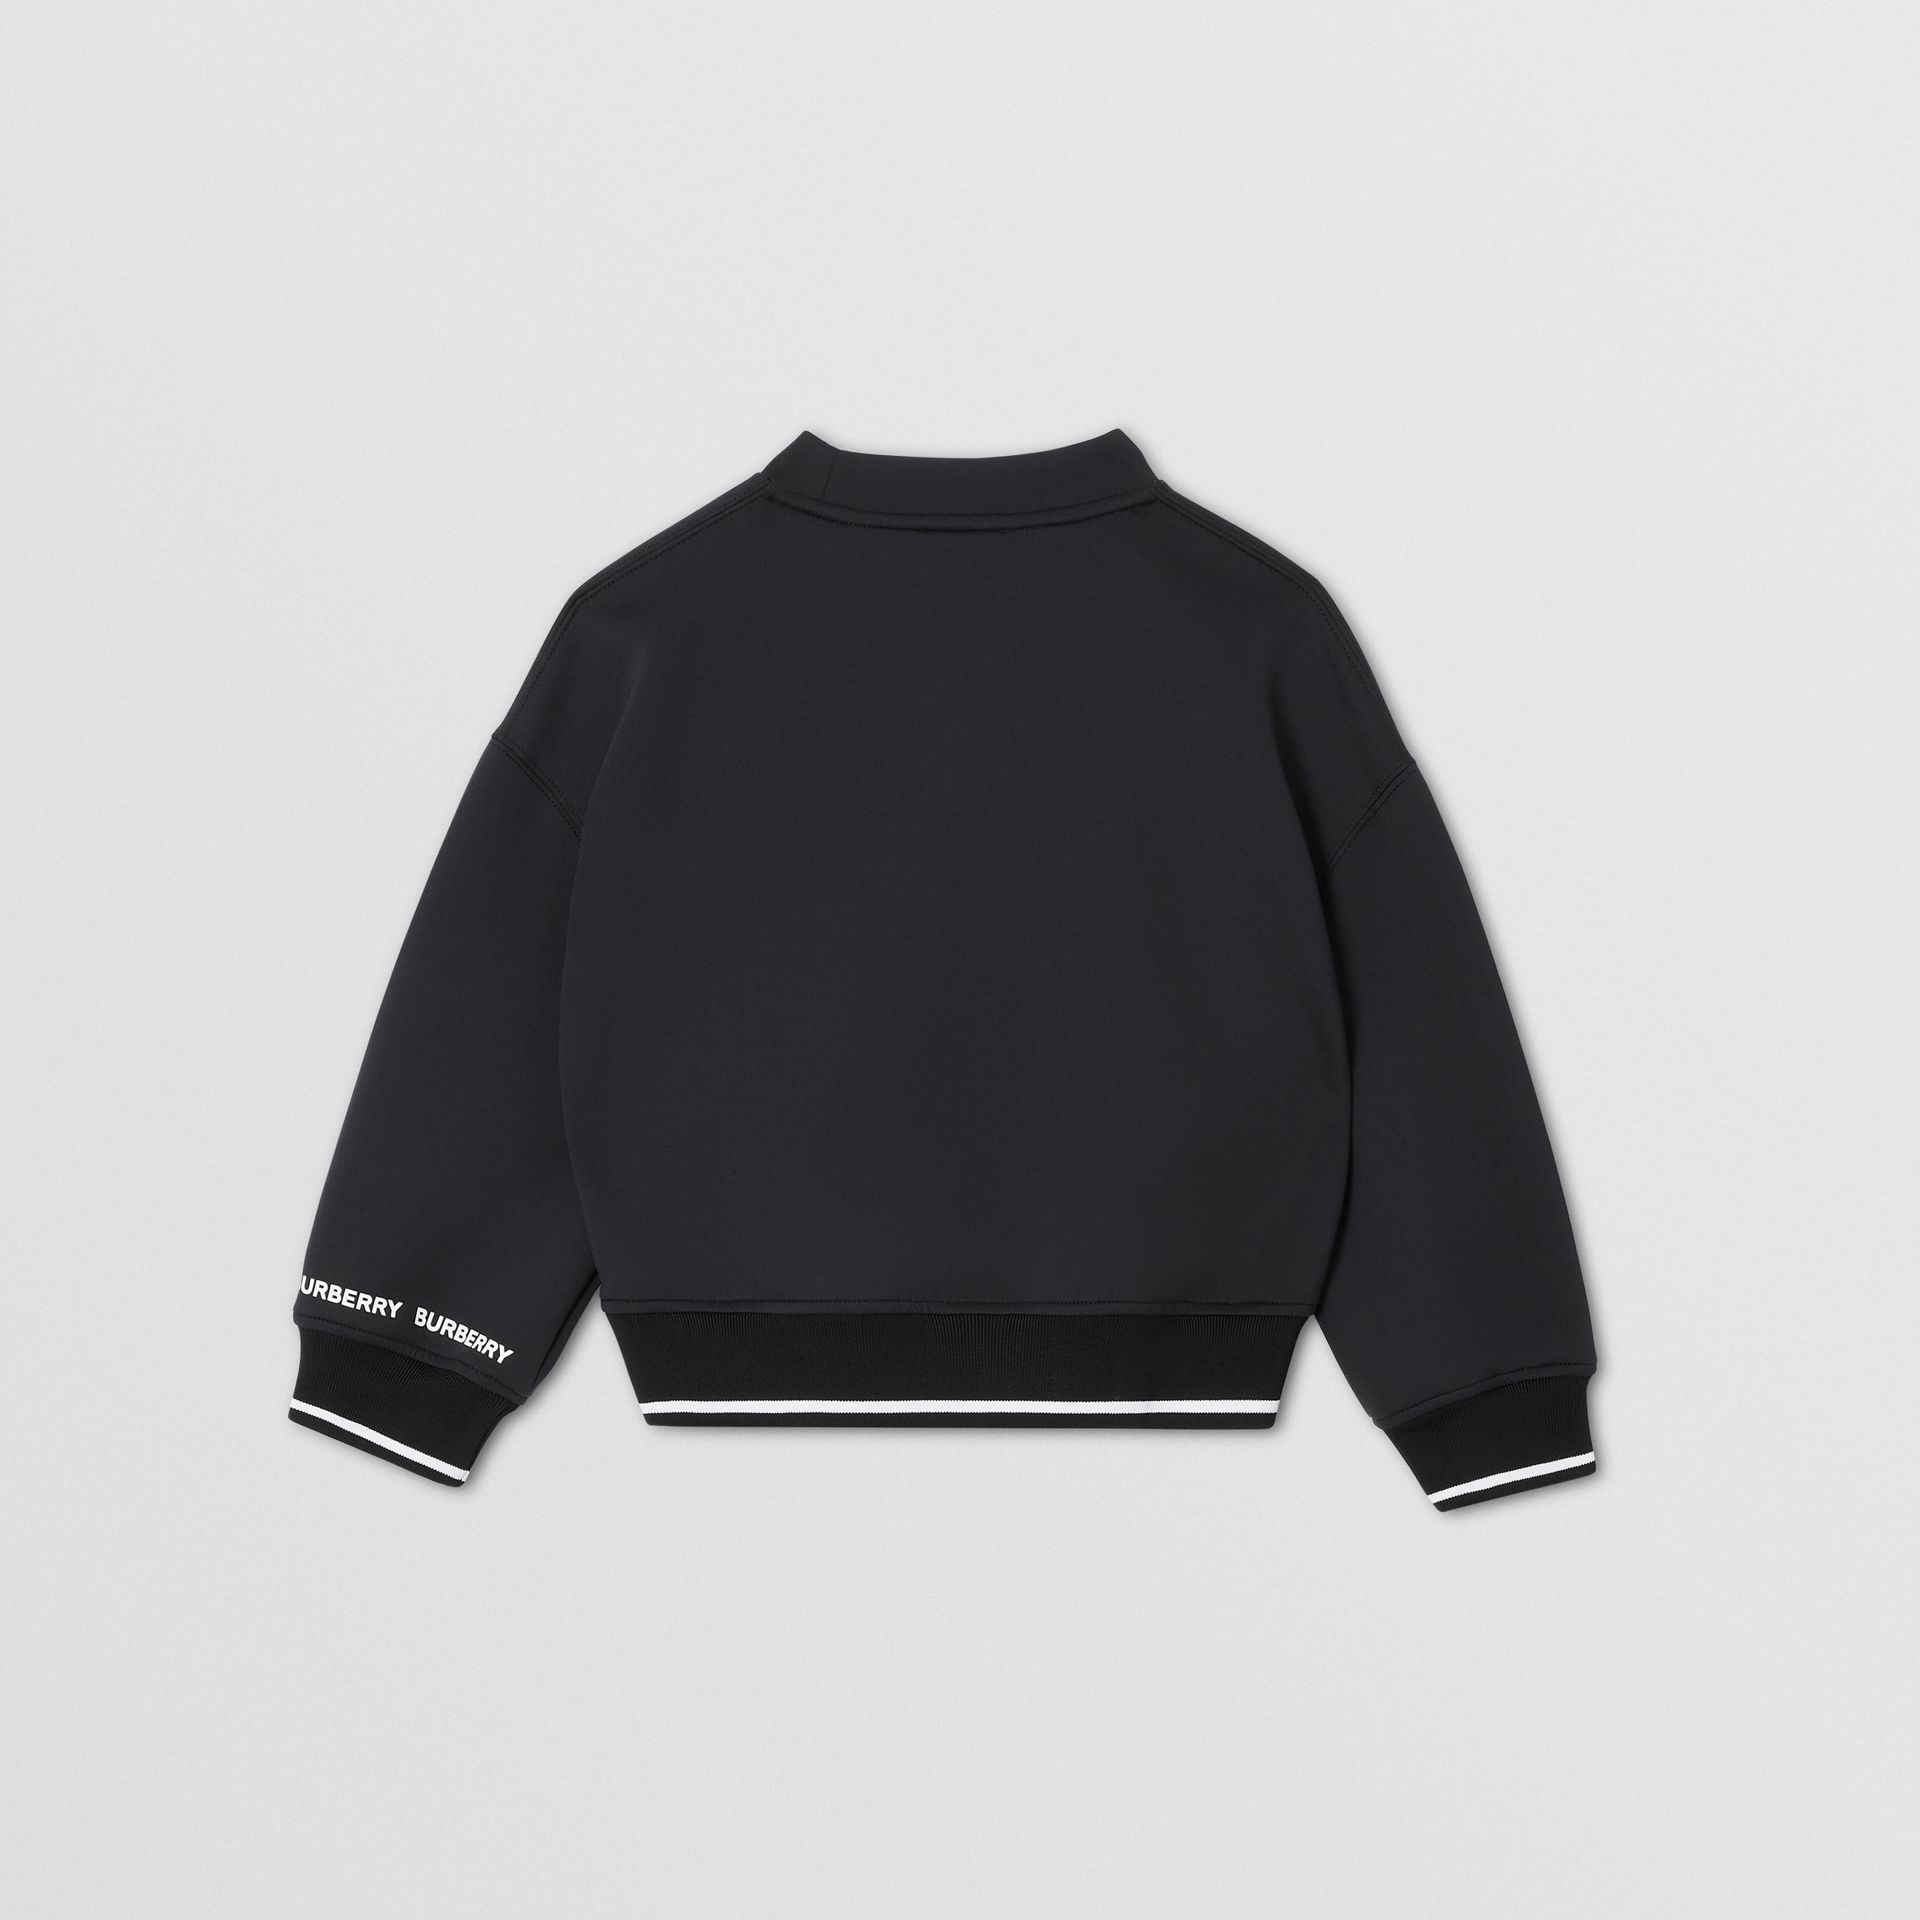 スパークラープリント ネオプレン スウェットシャツ (ブラック) | バーバリー - ギャラリーイメージ 3